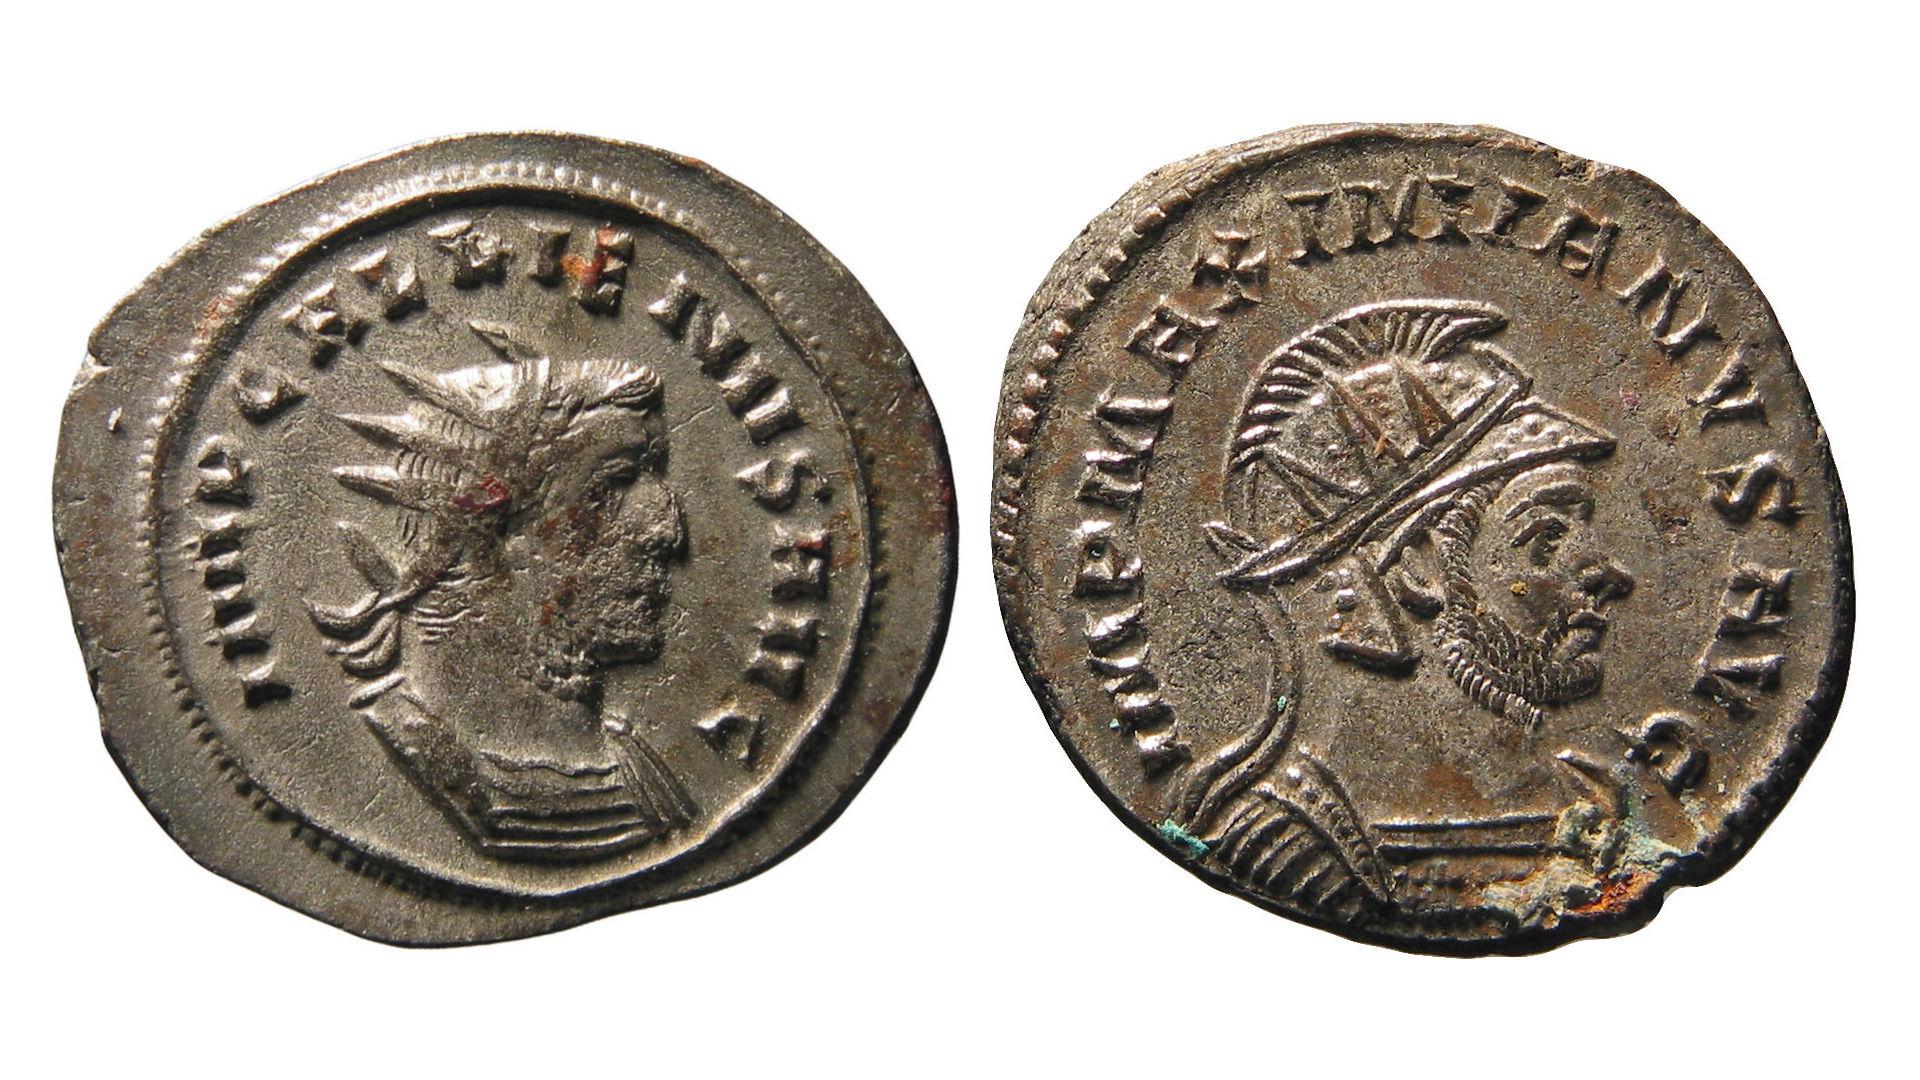 Die älteste Münze im Hort ist ein Antoninian des Valerianus I. (253–260) aus dem Jahr 254, geprägt in Antiochia (Katalog Nr. 4). Die jüngsten Münzen im Hort sind mehrere Antoniniane der beiden Kaiser Diocletianus (284–305) und Maximinianus Herculius (286–305), die zwischen dem 1. März und dem 20. November 293 in Lugdunum geprägt wurden (Katalog Nr. 2167–2172)